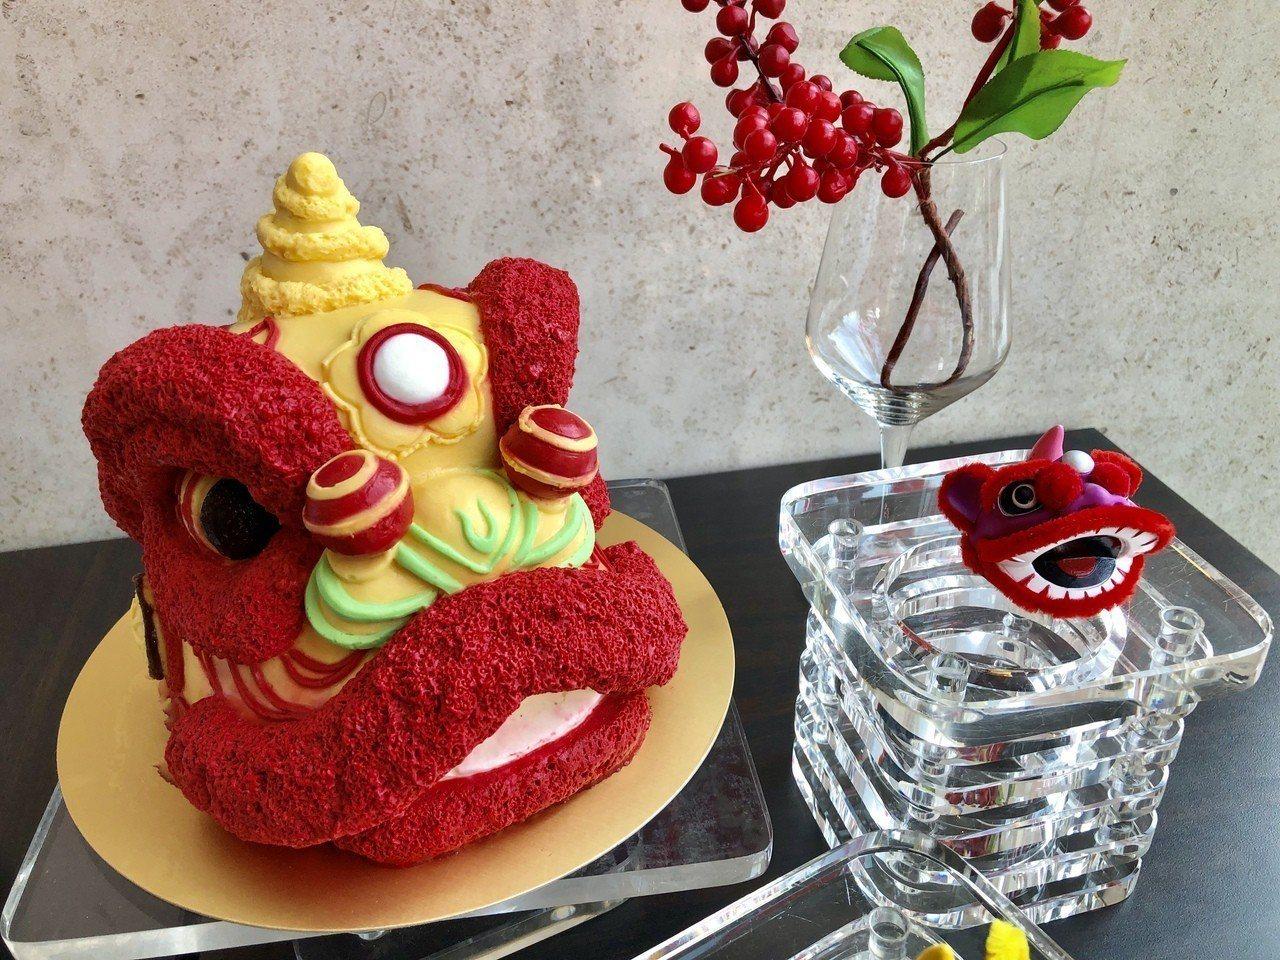 「舞獅慶新年」以民俗舞獅為靈感,打造出擁有獅頭討喜吉利外型的美味甜點。記者宋健生...